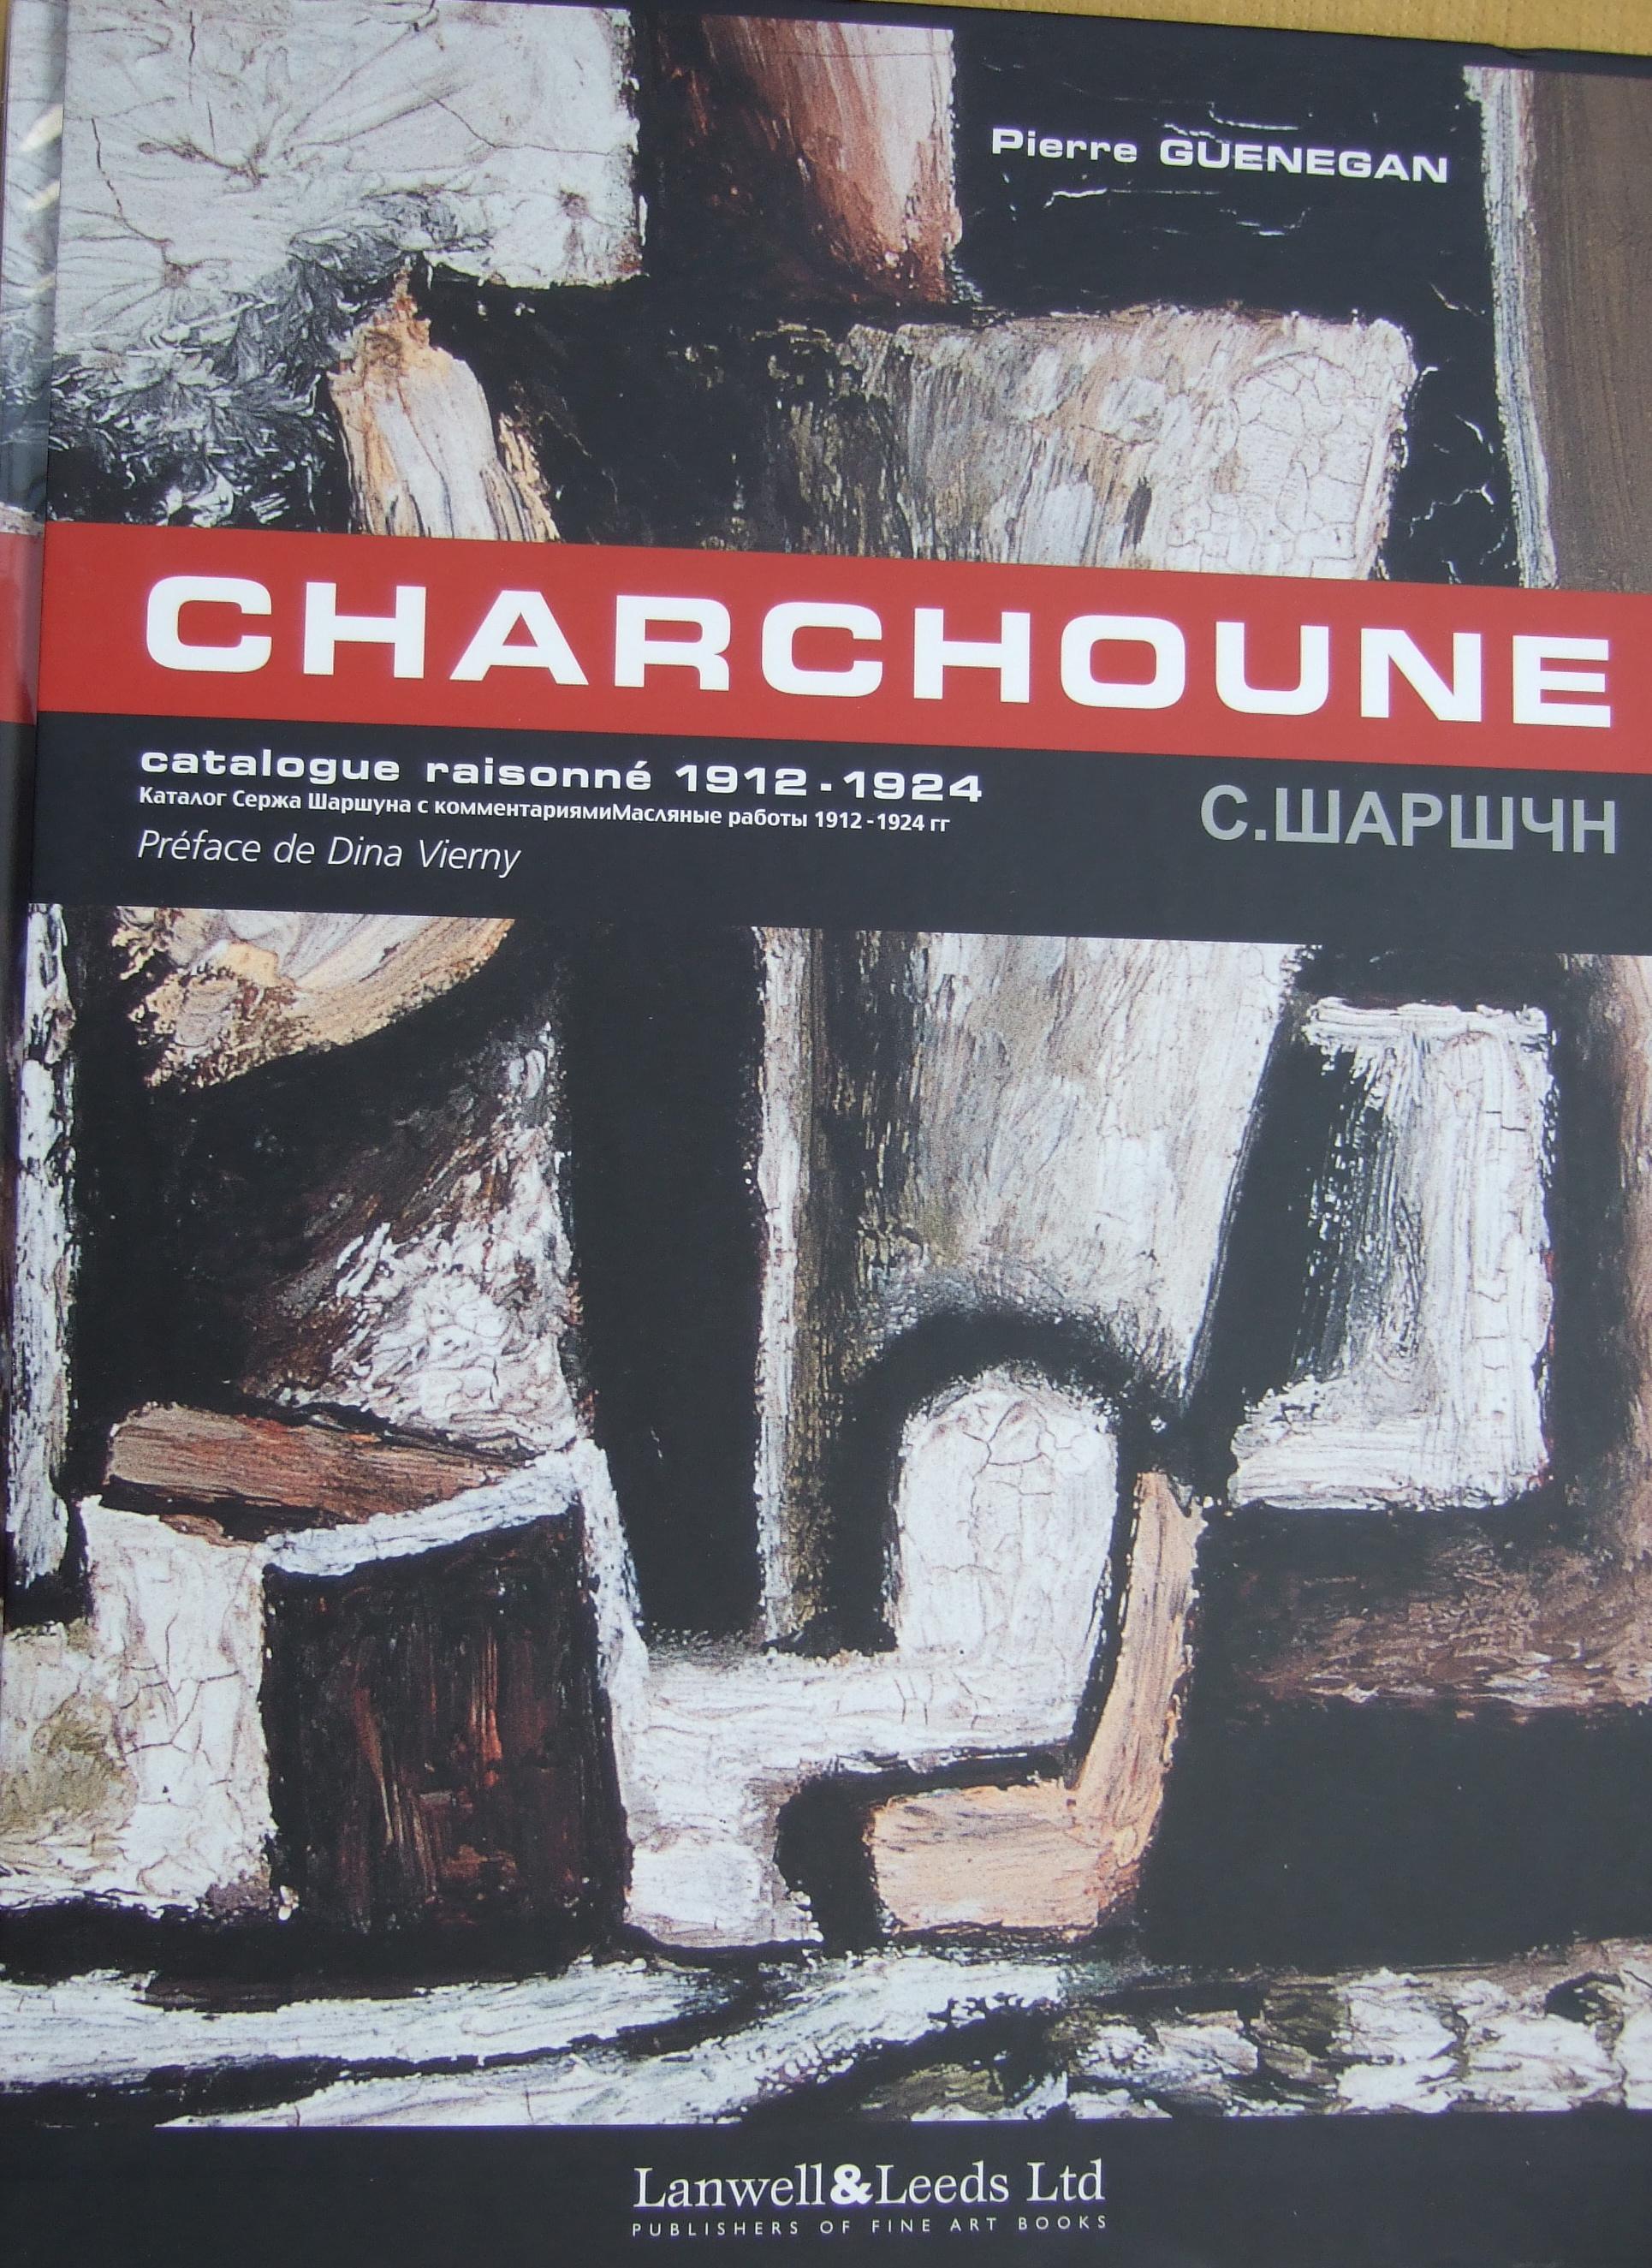 Charchoune Catalogue-raisonne 1912 - 1924 by Pierre Guenegan. Volume 1.